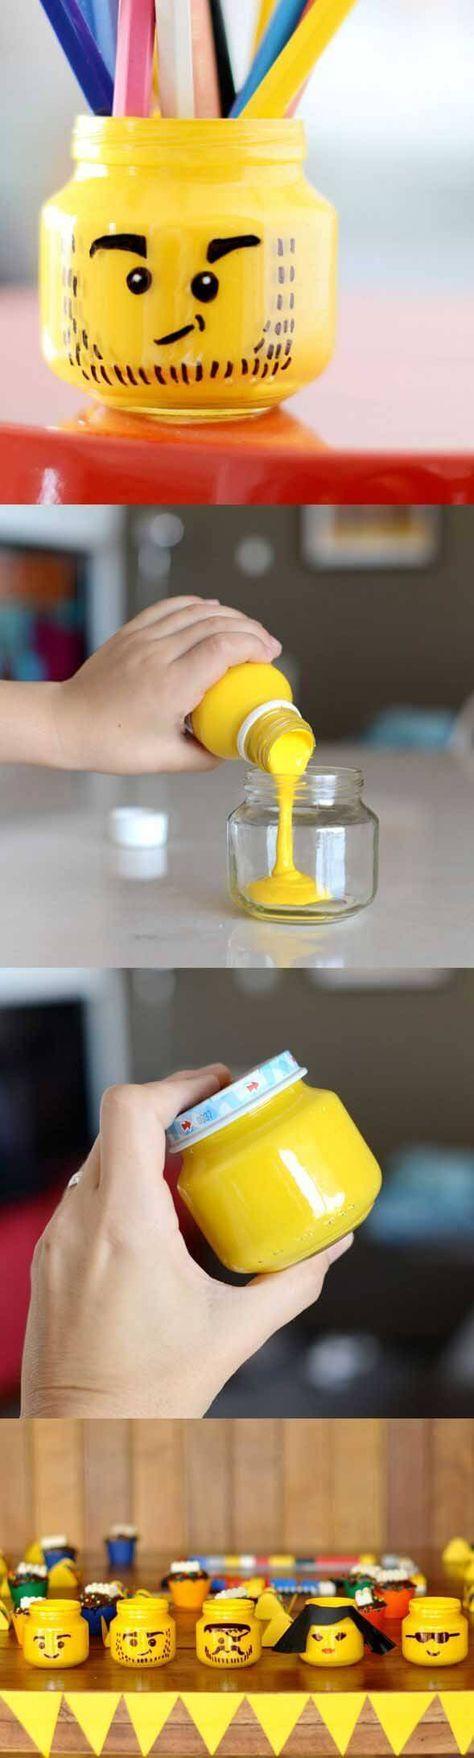 Lego Storage Ideas - Mini tubs